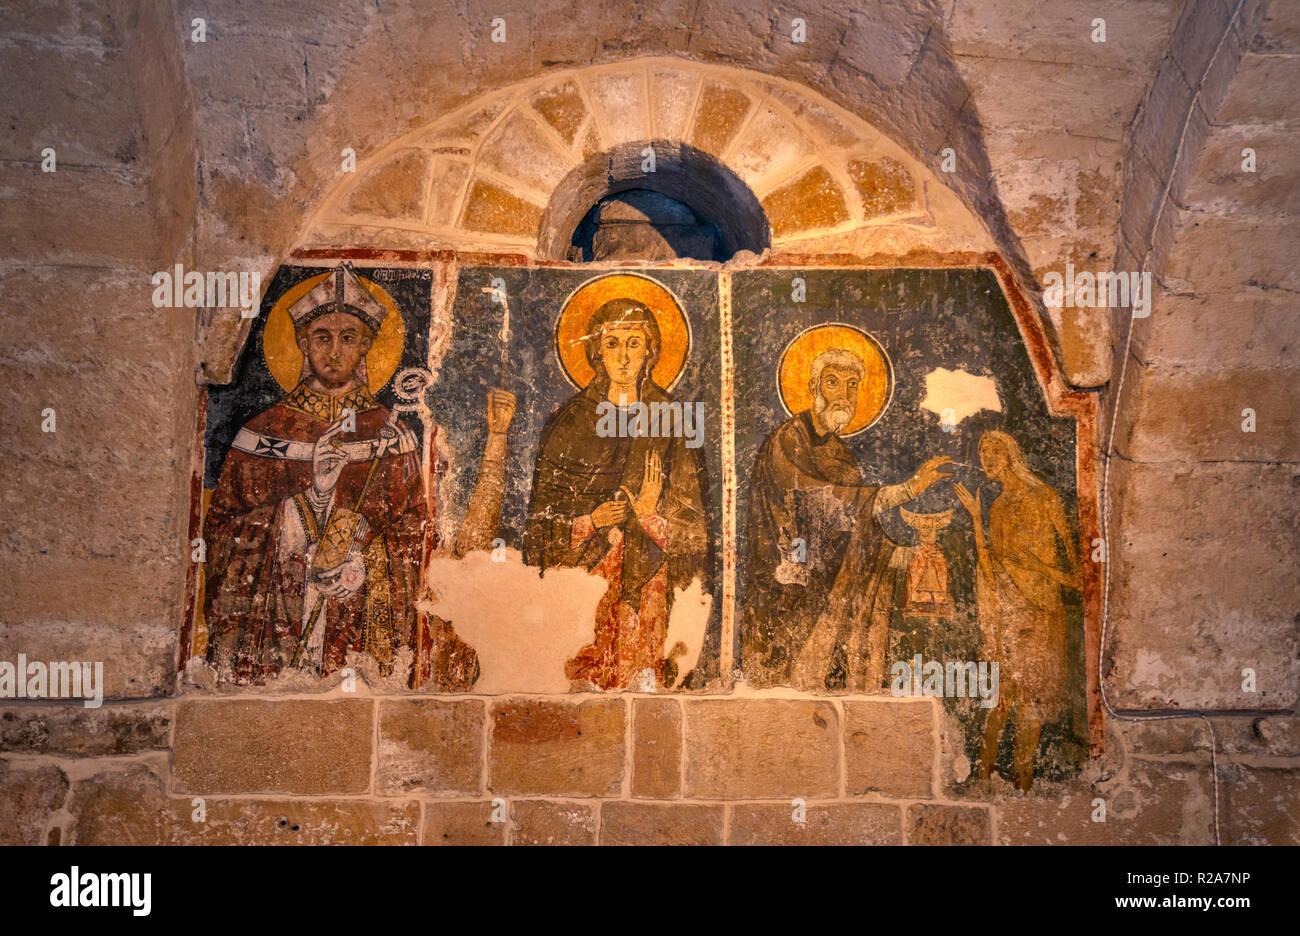 Mittelalterliche Fresken in der Krypta der Kathedrale San Cataldo, in Taranto, Apulien, Italien Stockbild